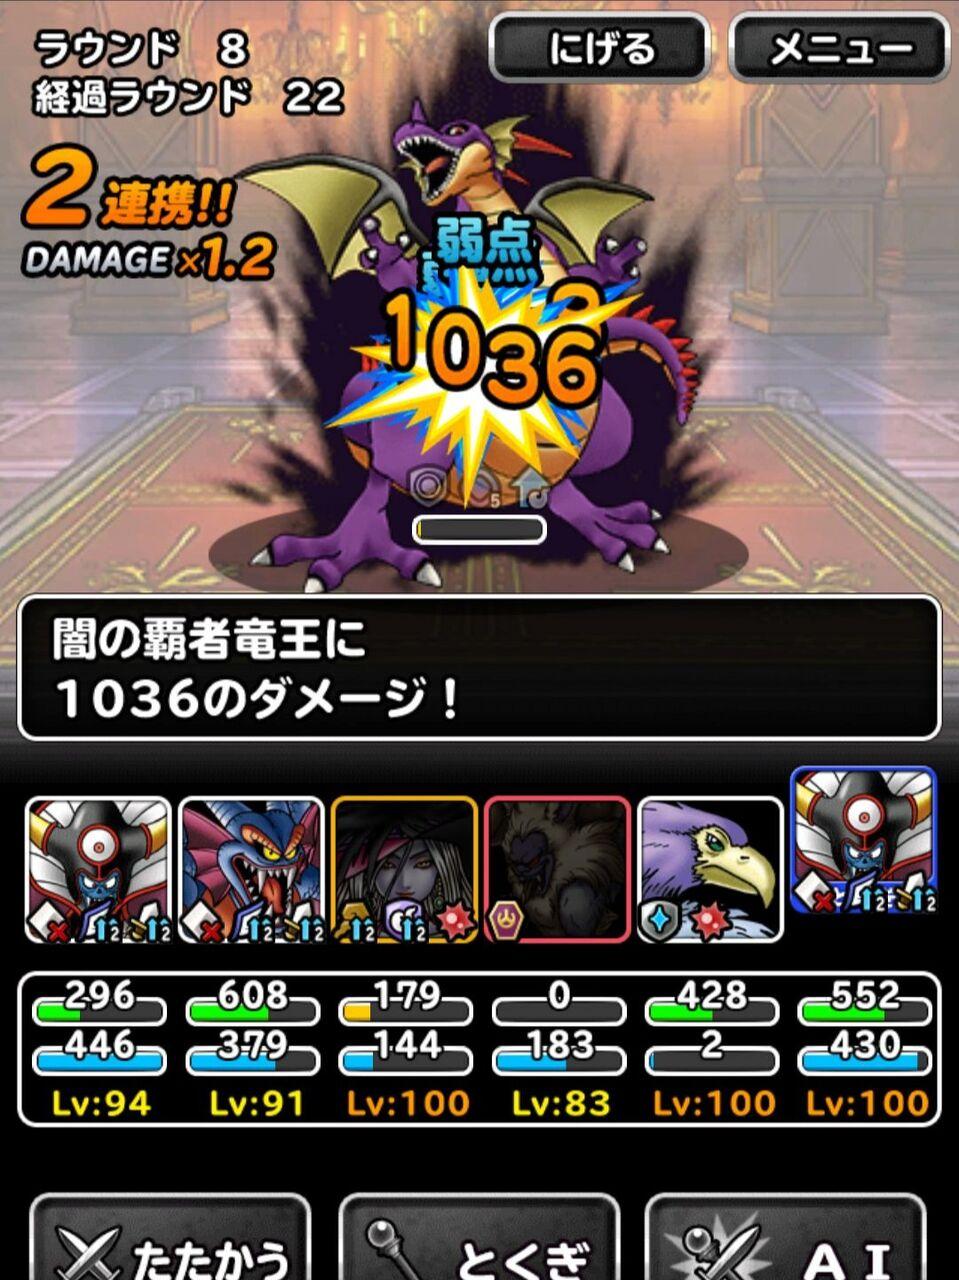 へ の ドラクエ スーパー 道 超 魔王 ライト